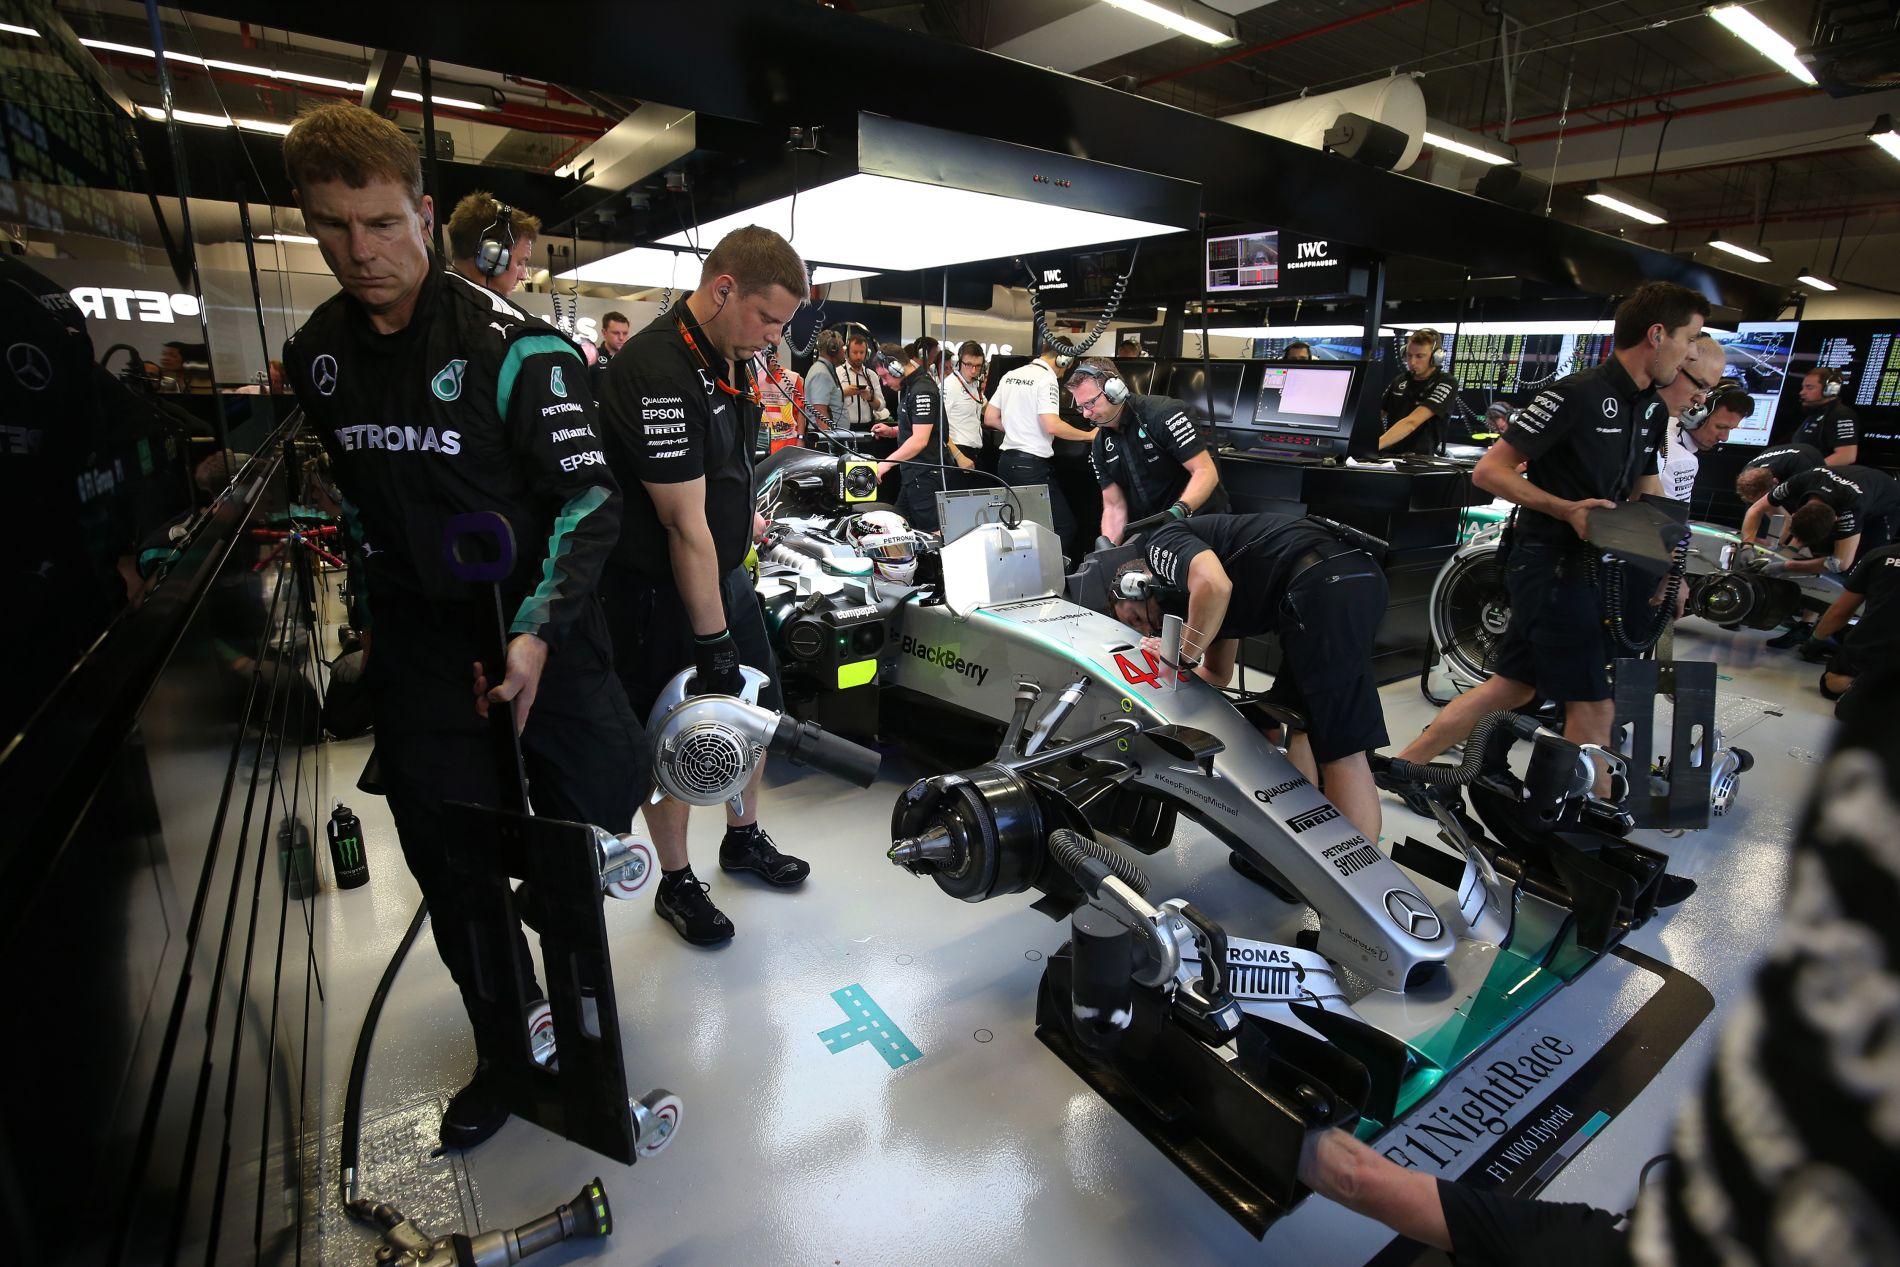 Hamilton kiesett, de van rá legalább három magyarázat